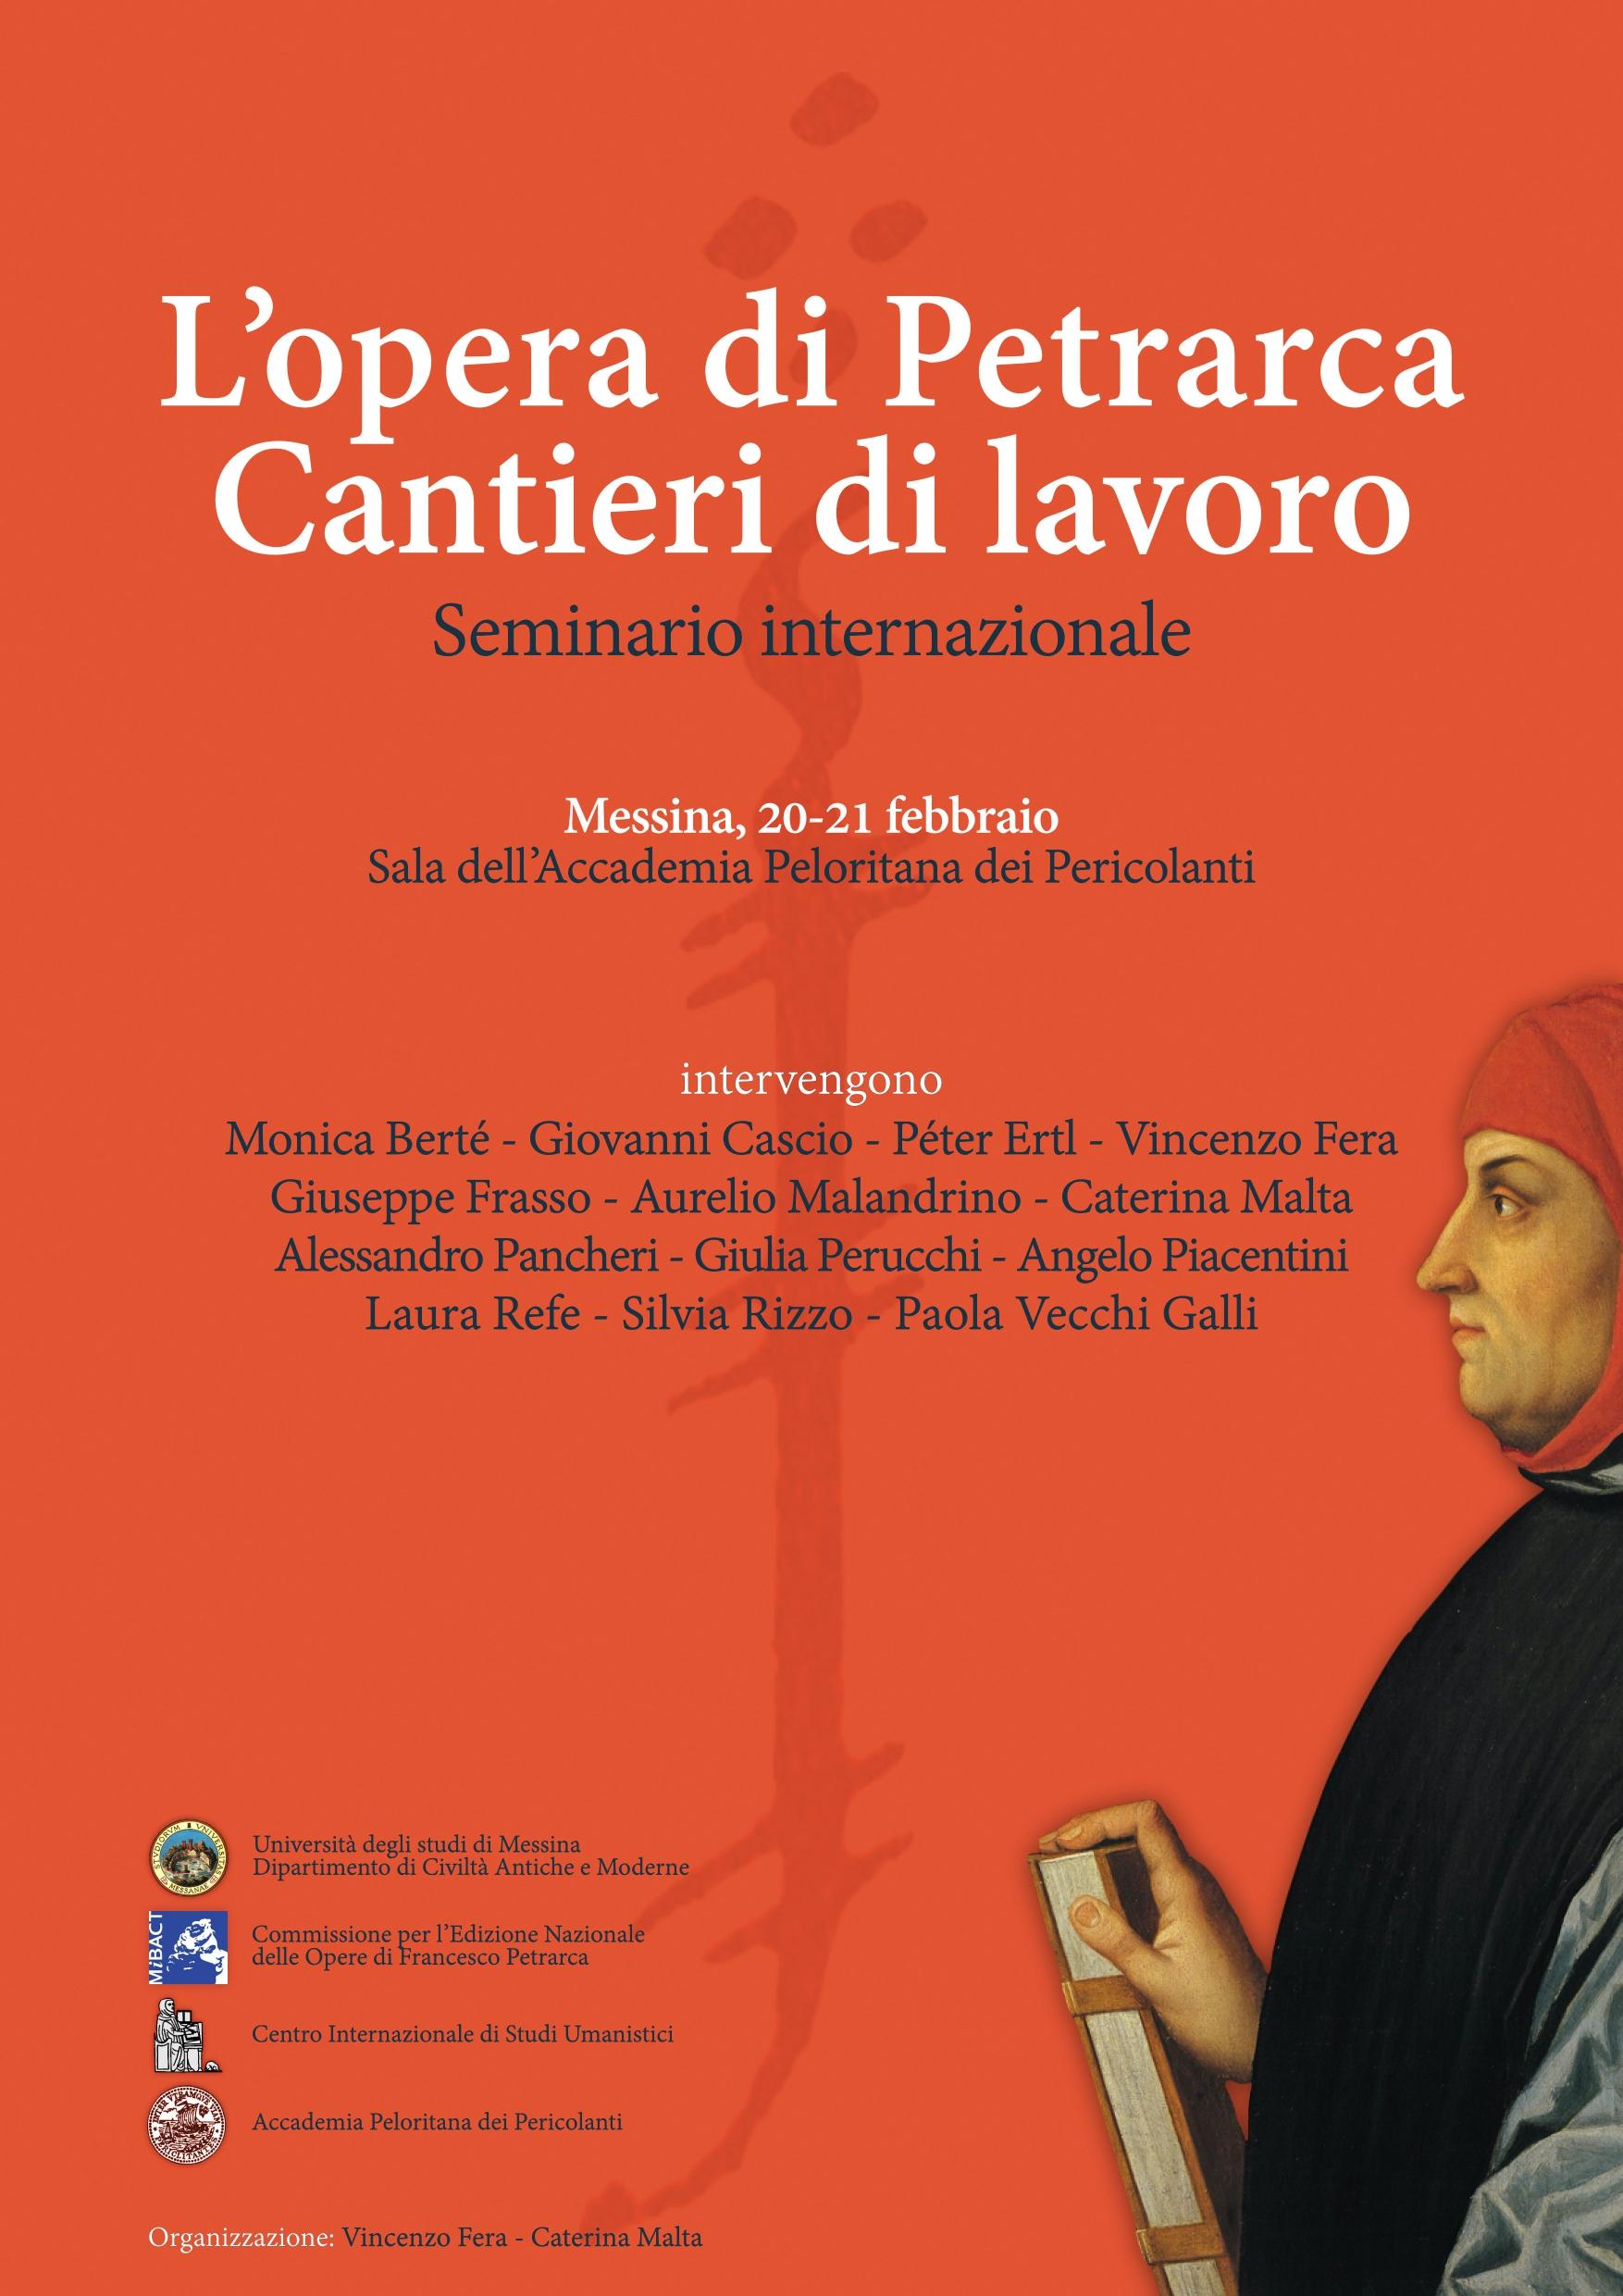 L'opera di Petrarca Cantieri di lavoro_Locandina_page-0001